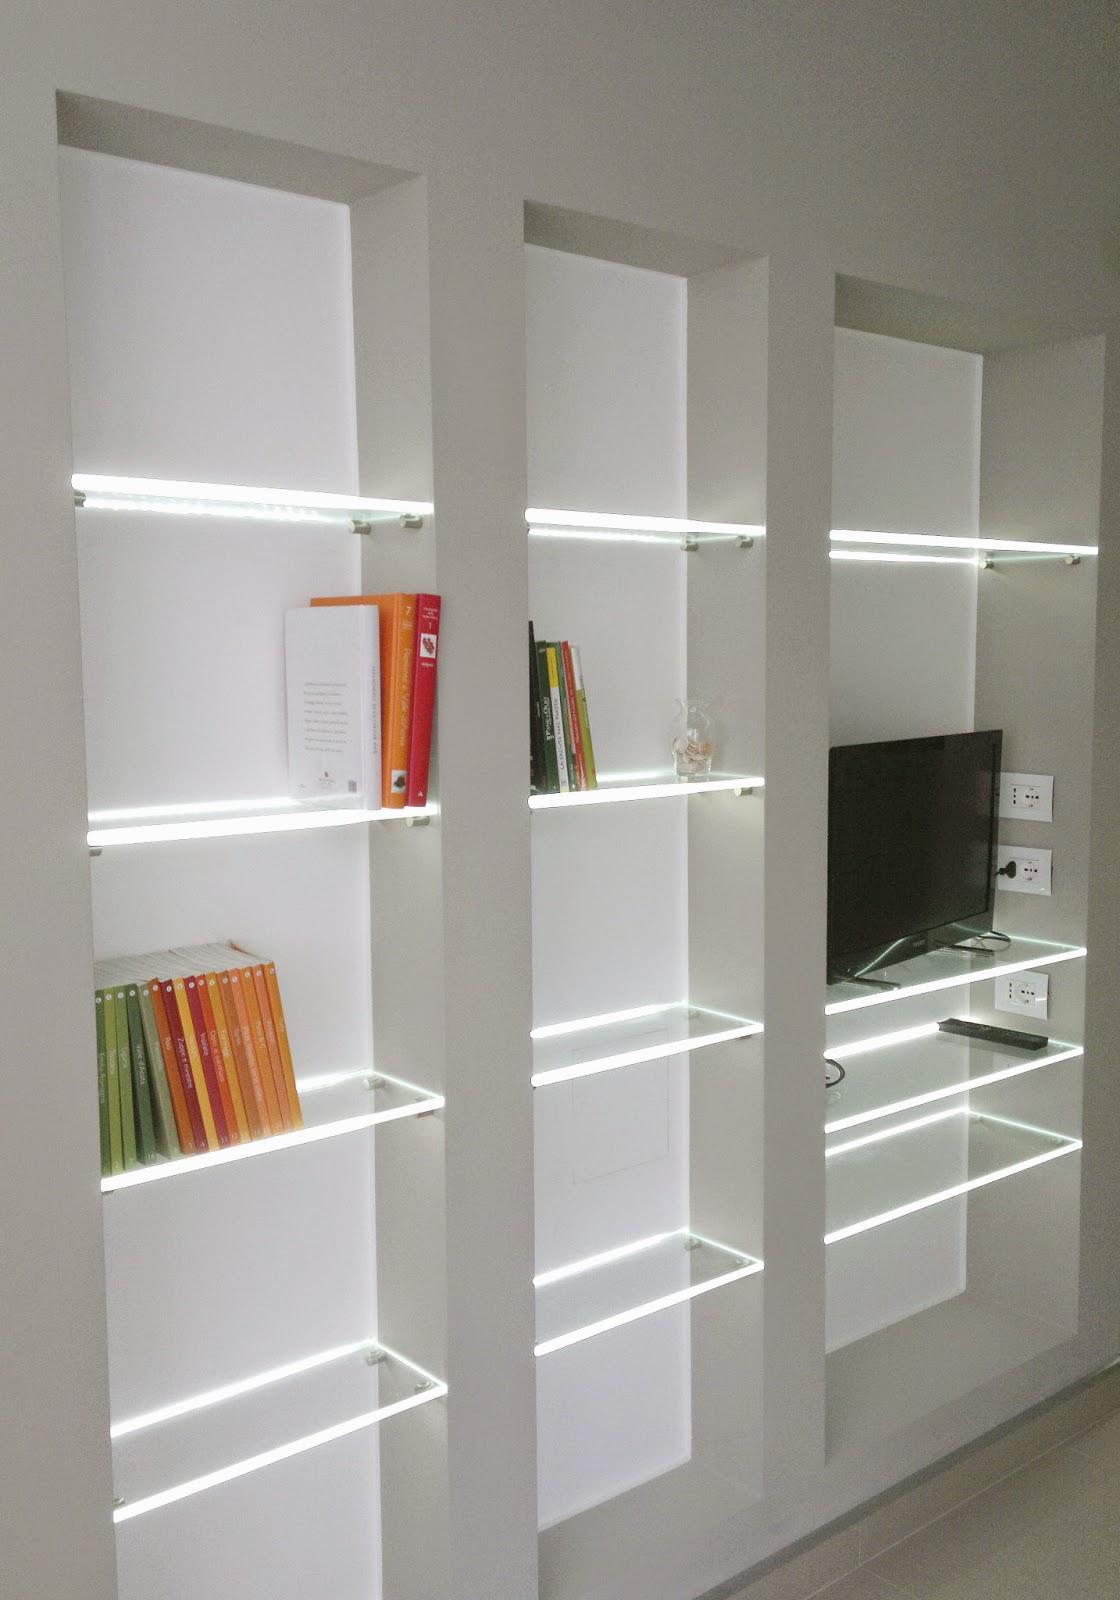 Illuminazione led casa ottobre 2014 - Ikea illuminazione sottopensile cucina ...